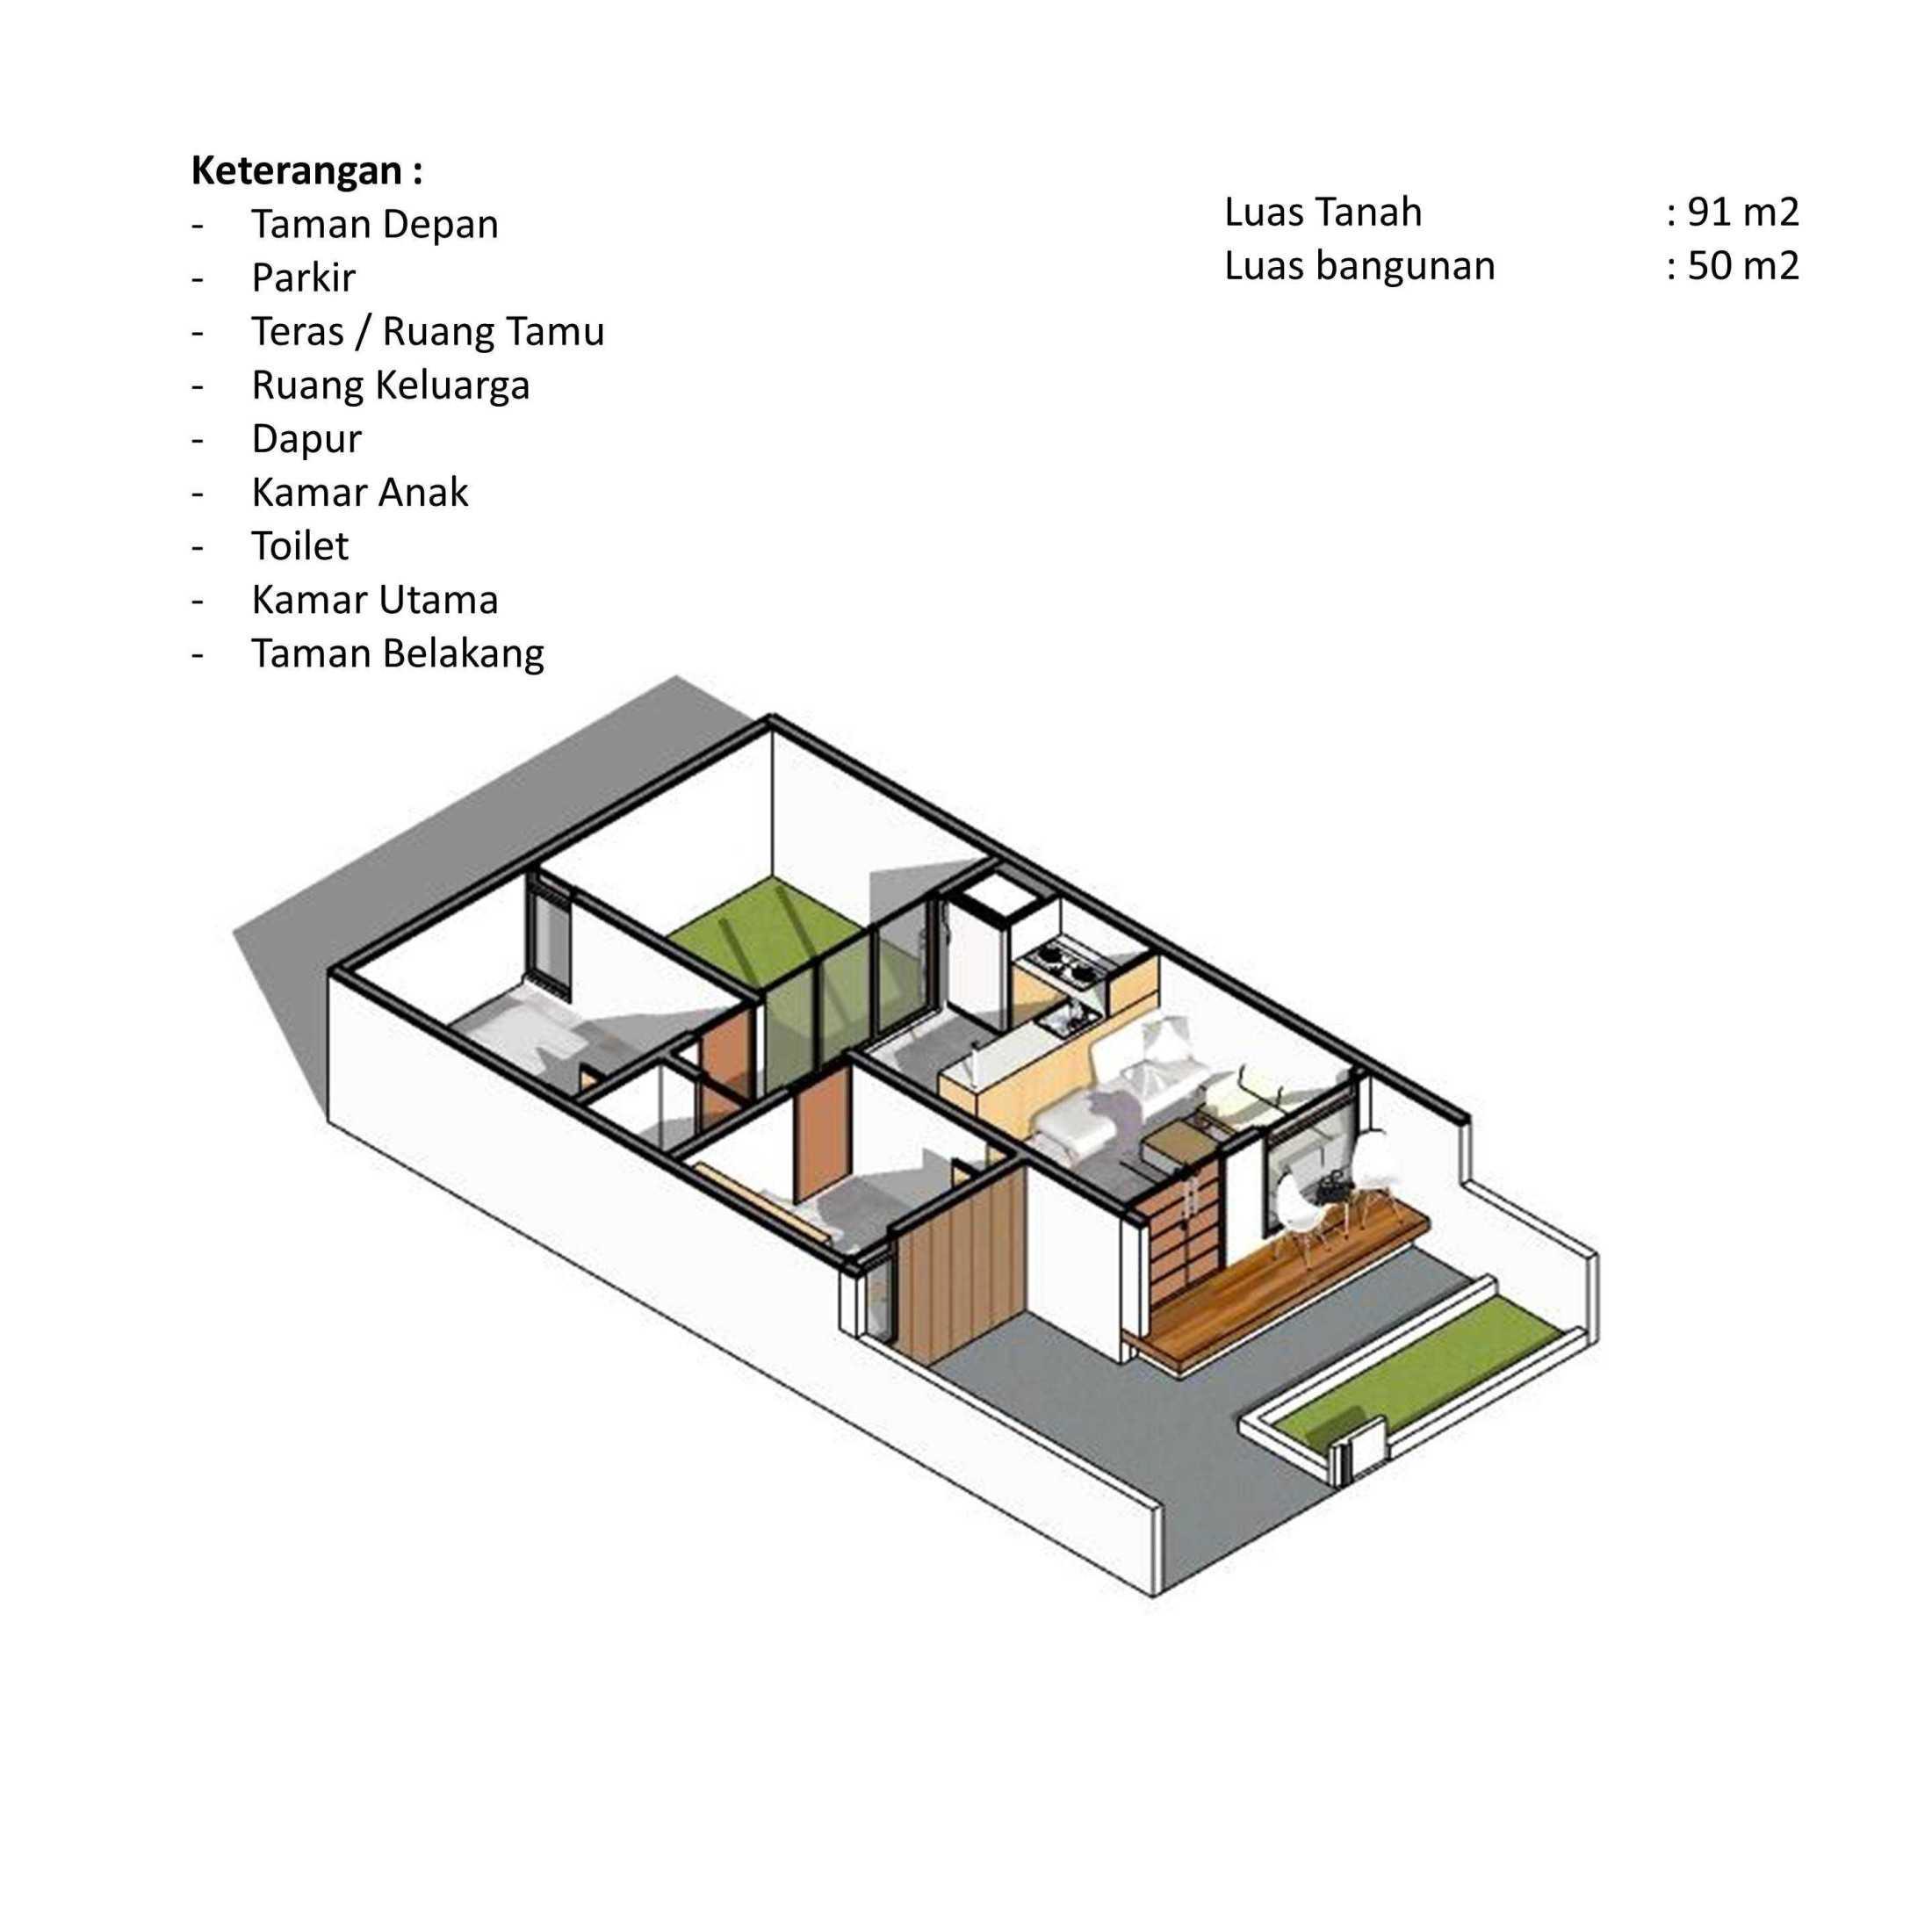 Valian Yoga Isl House Kec. Sukarame, Kota Bandar Lampung, Lampung, Indonesia Kec. Sukarame, Kota Bandar Lampung, Lampung, Indonesia Valian-Yoga-Isl-House  128596